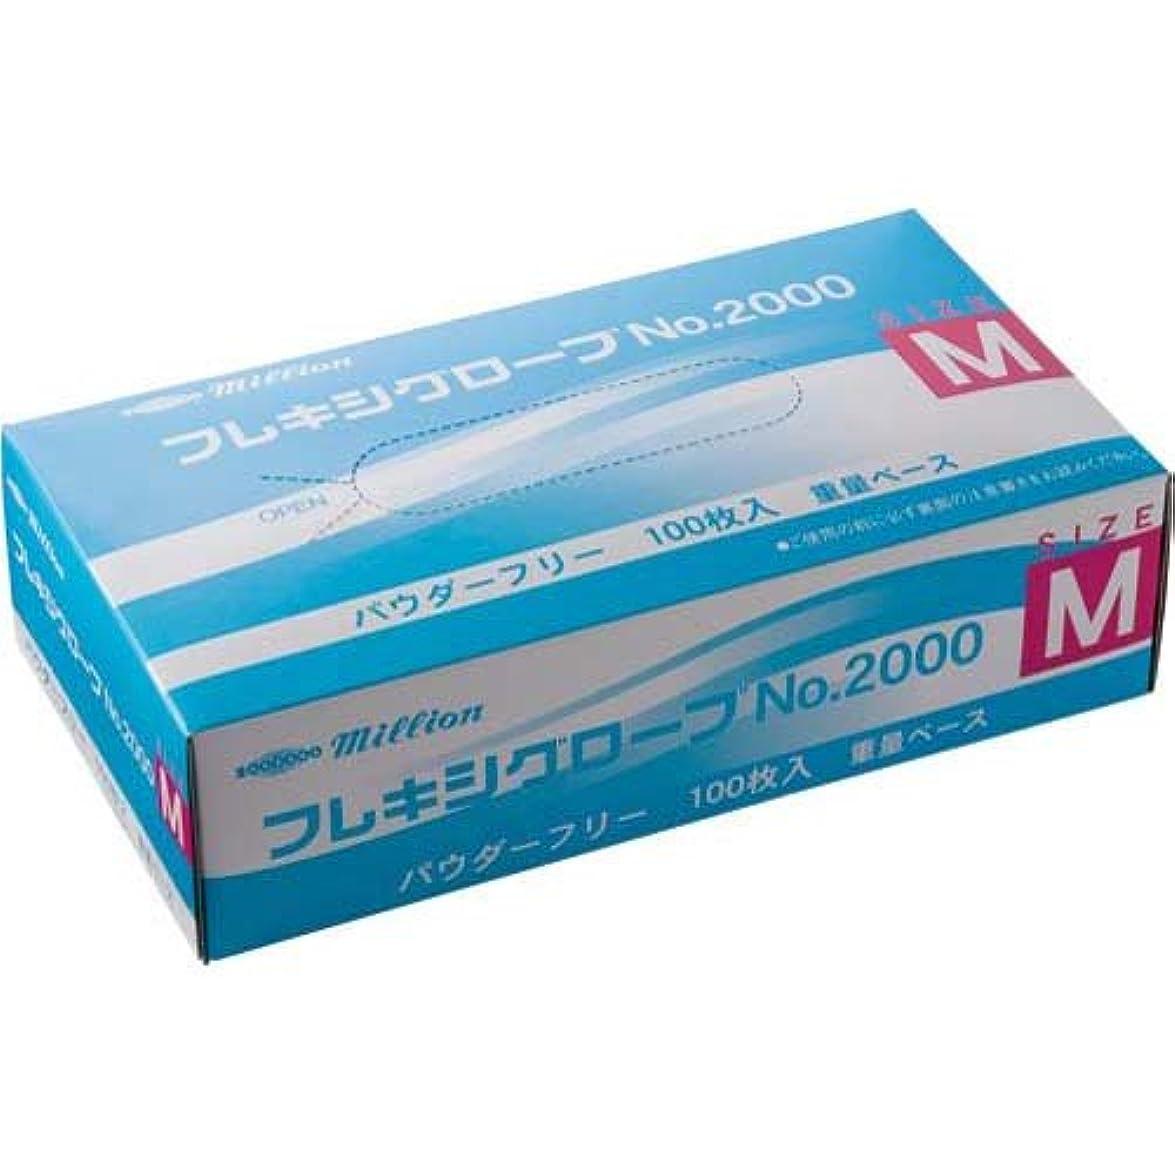 海手数料相談する共和 プラスチック手袋 粉無 No.2000 M 10箱